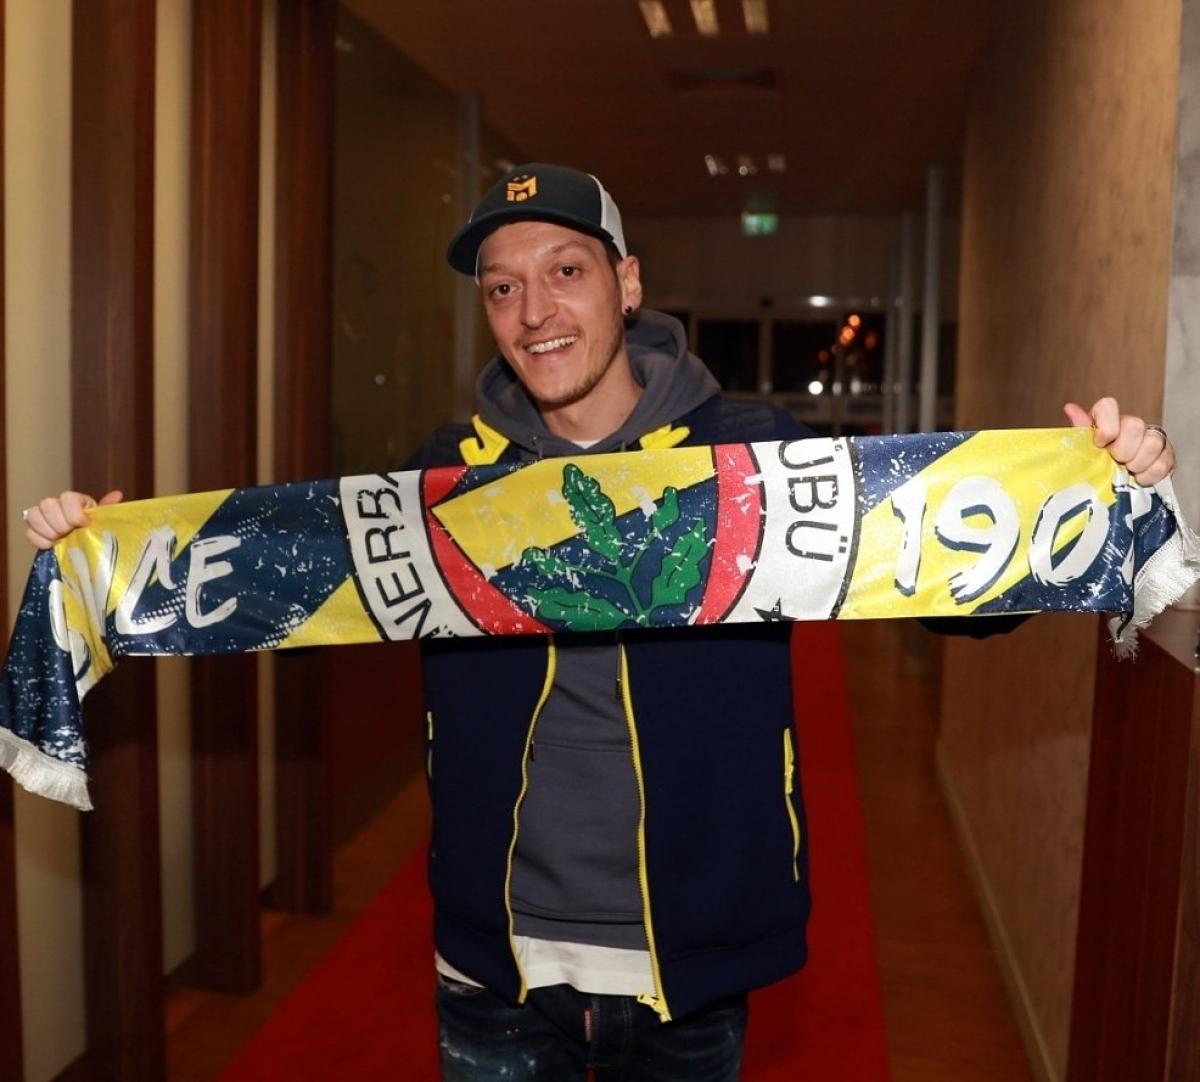 Mesut Ozil sẽ có dịp tái ngộ với hàng loạt người quen cũ ở Premier League khi rời Arsenal để sang Thổ Nhĩ Kỳ khoác áo Fenerbahce.